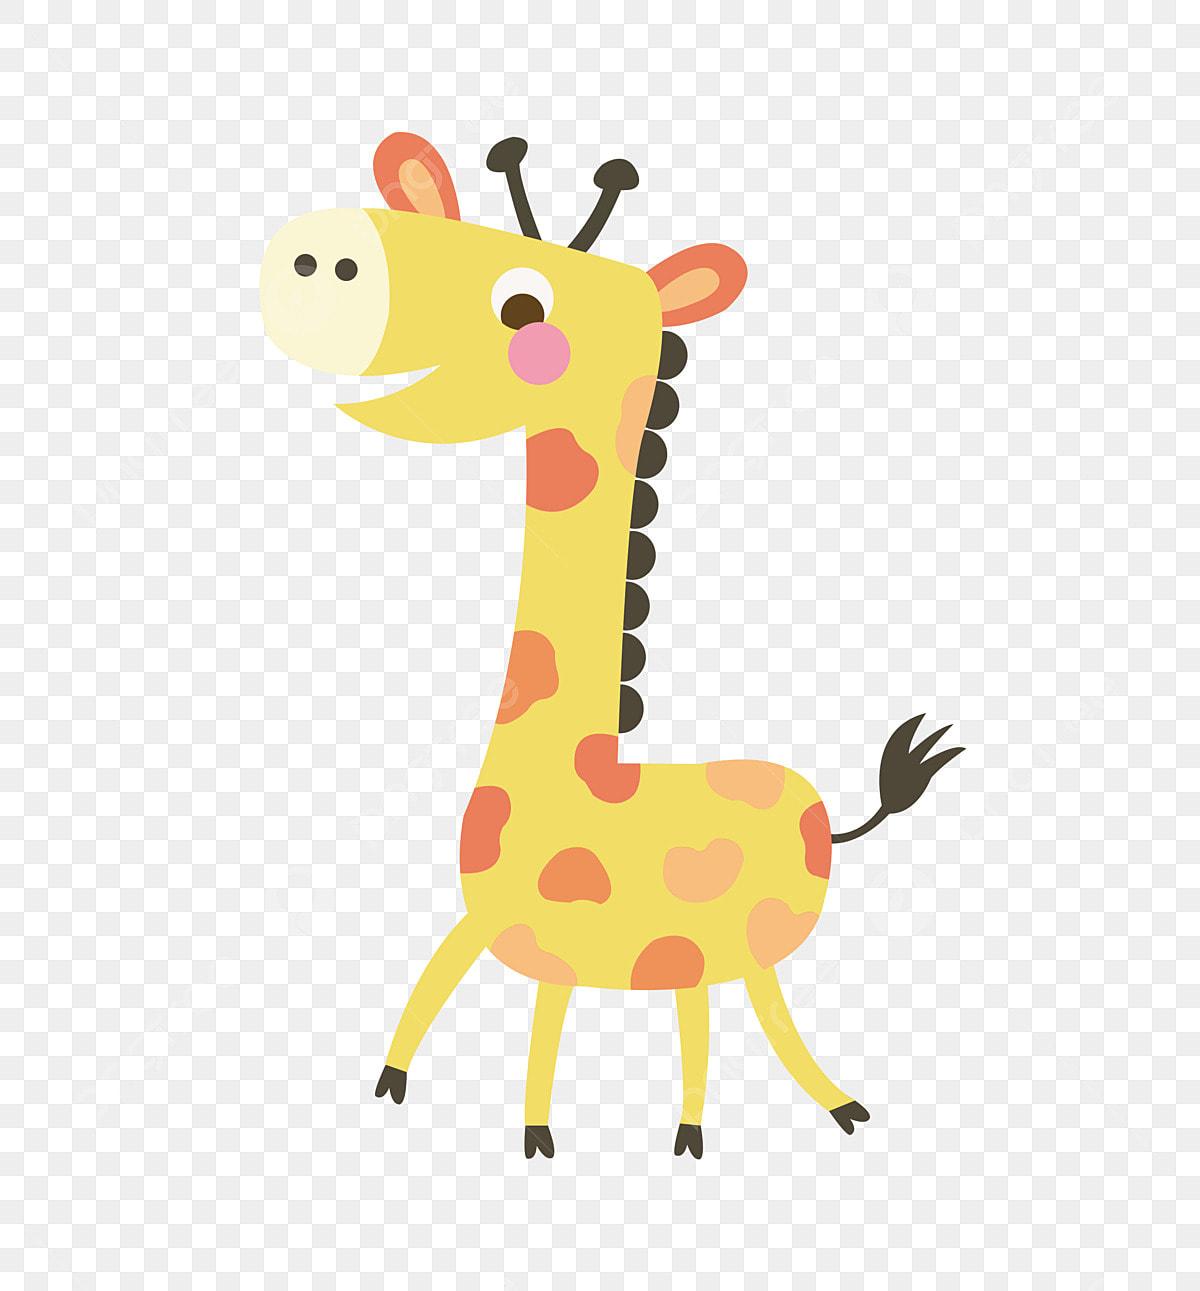 A Girafa Desenho De Girafa Girafa Dos Desenhos Animados Animal